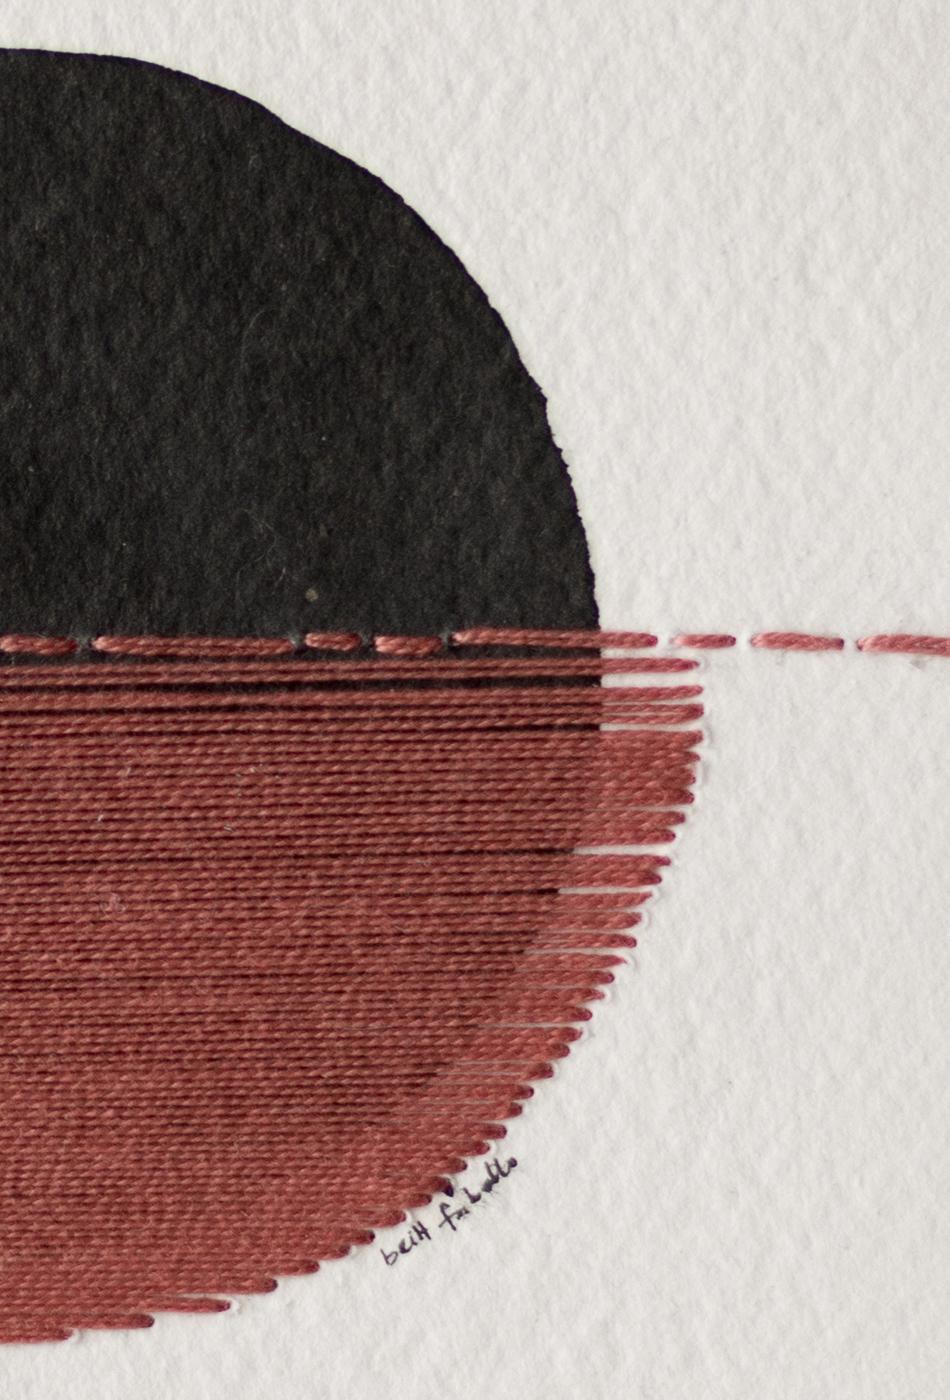 Wallpaper: January 2019 Calendar & Artwork | Computer & Phone | Britt Fabello